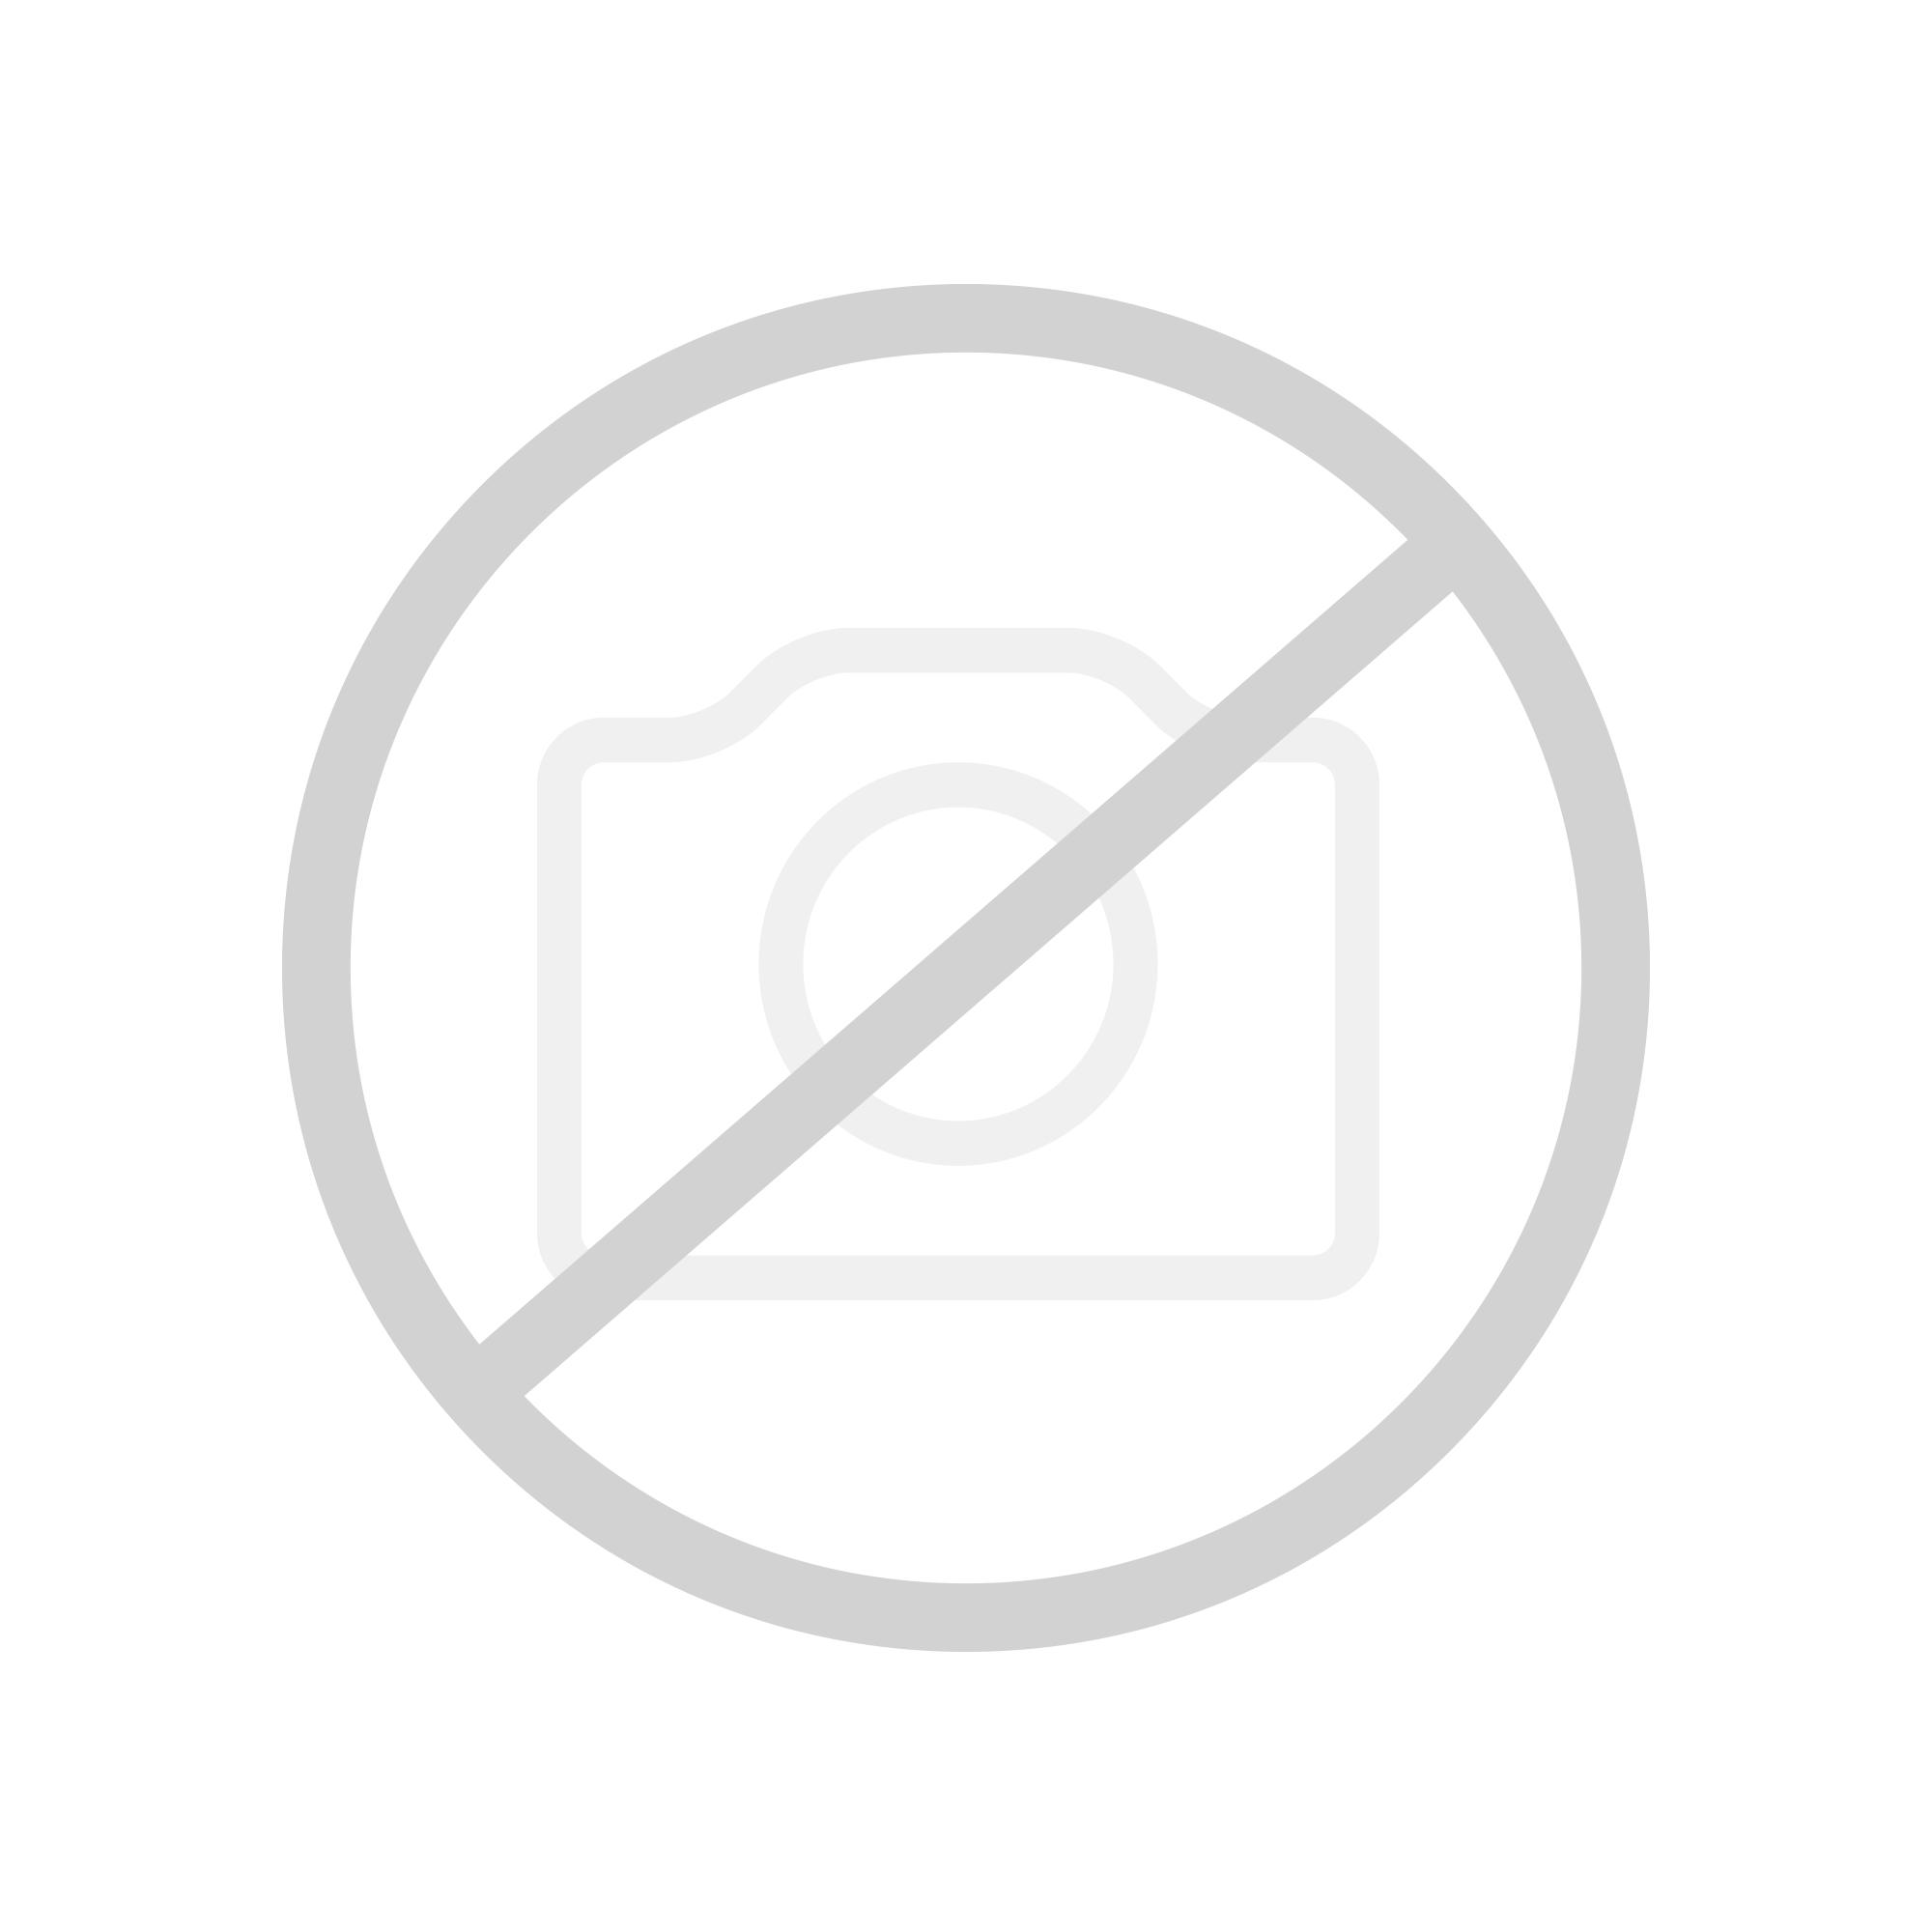 Geberit Duofix Bade-/Duschwannen-Montageelement, 112 cm, für UP-Armatur